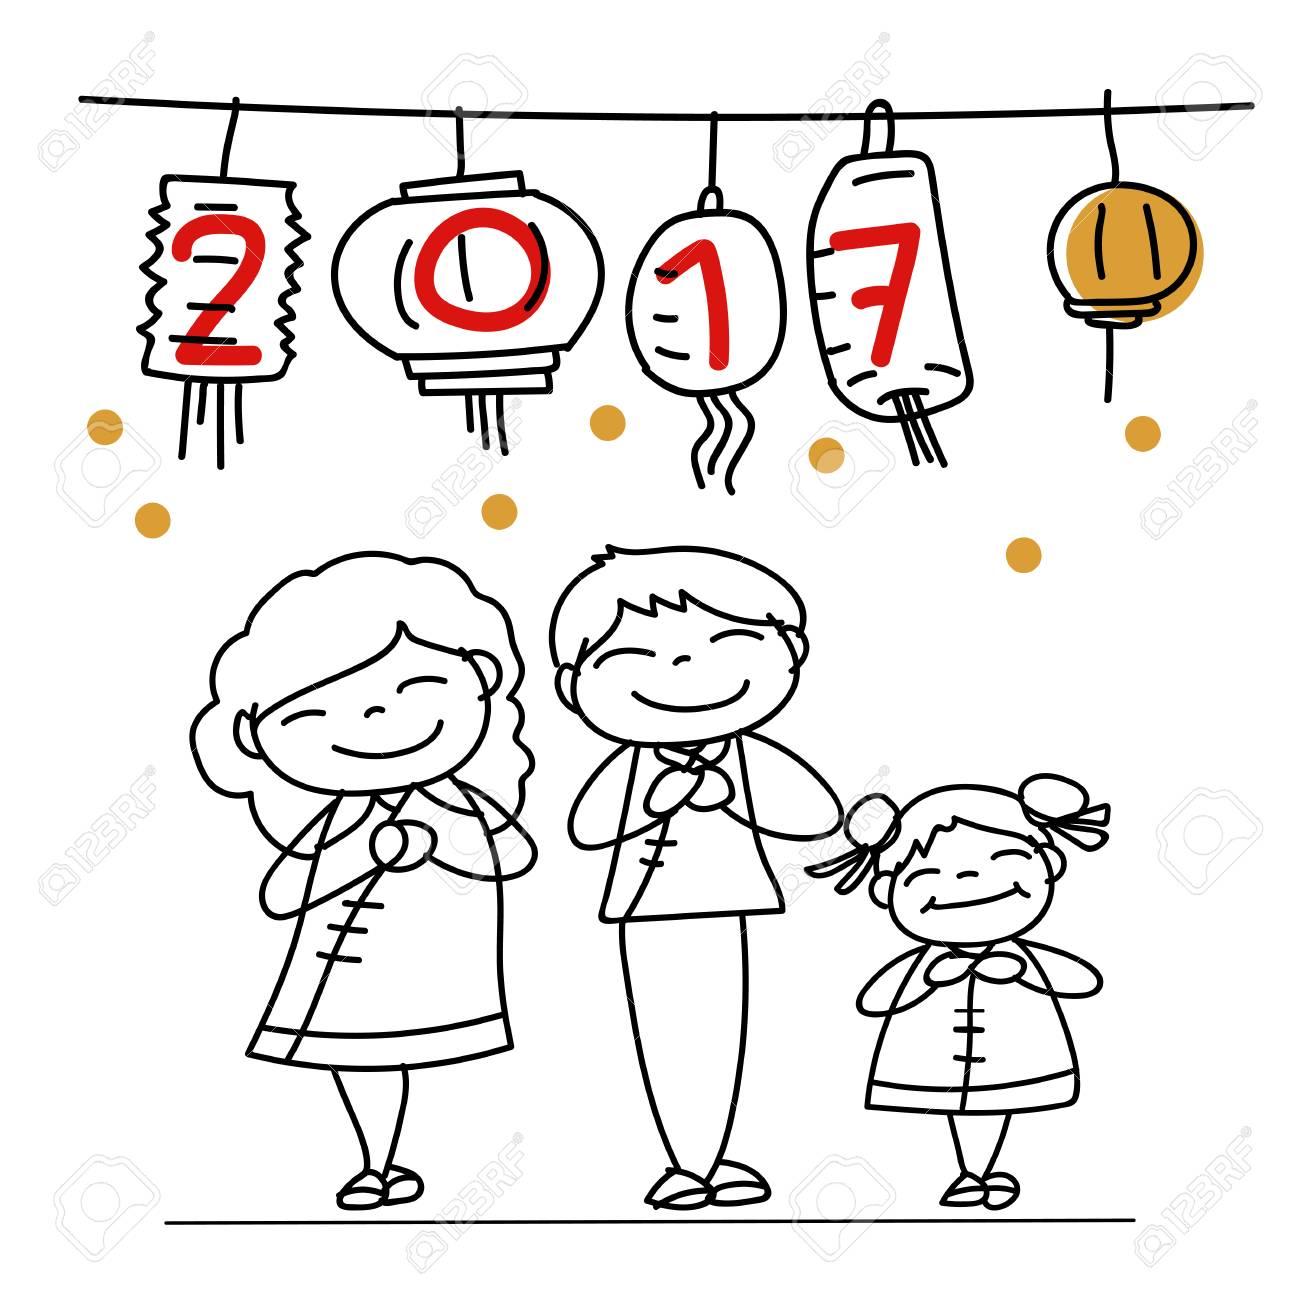 Mão Desenho Personagem De Desenho Animado Feliz Povo Chinês Família E Filhos Ano Novo Chinês Feliz 2017 Ano Da Lua Conceito Do Ano Lunar Arte De